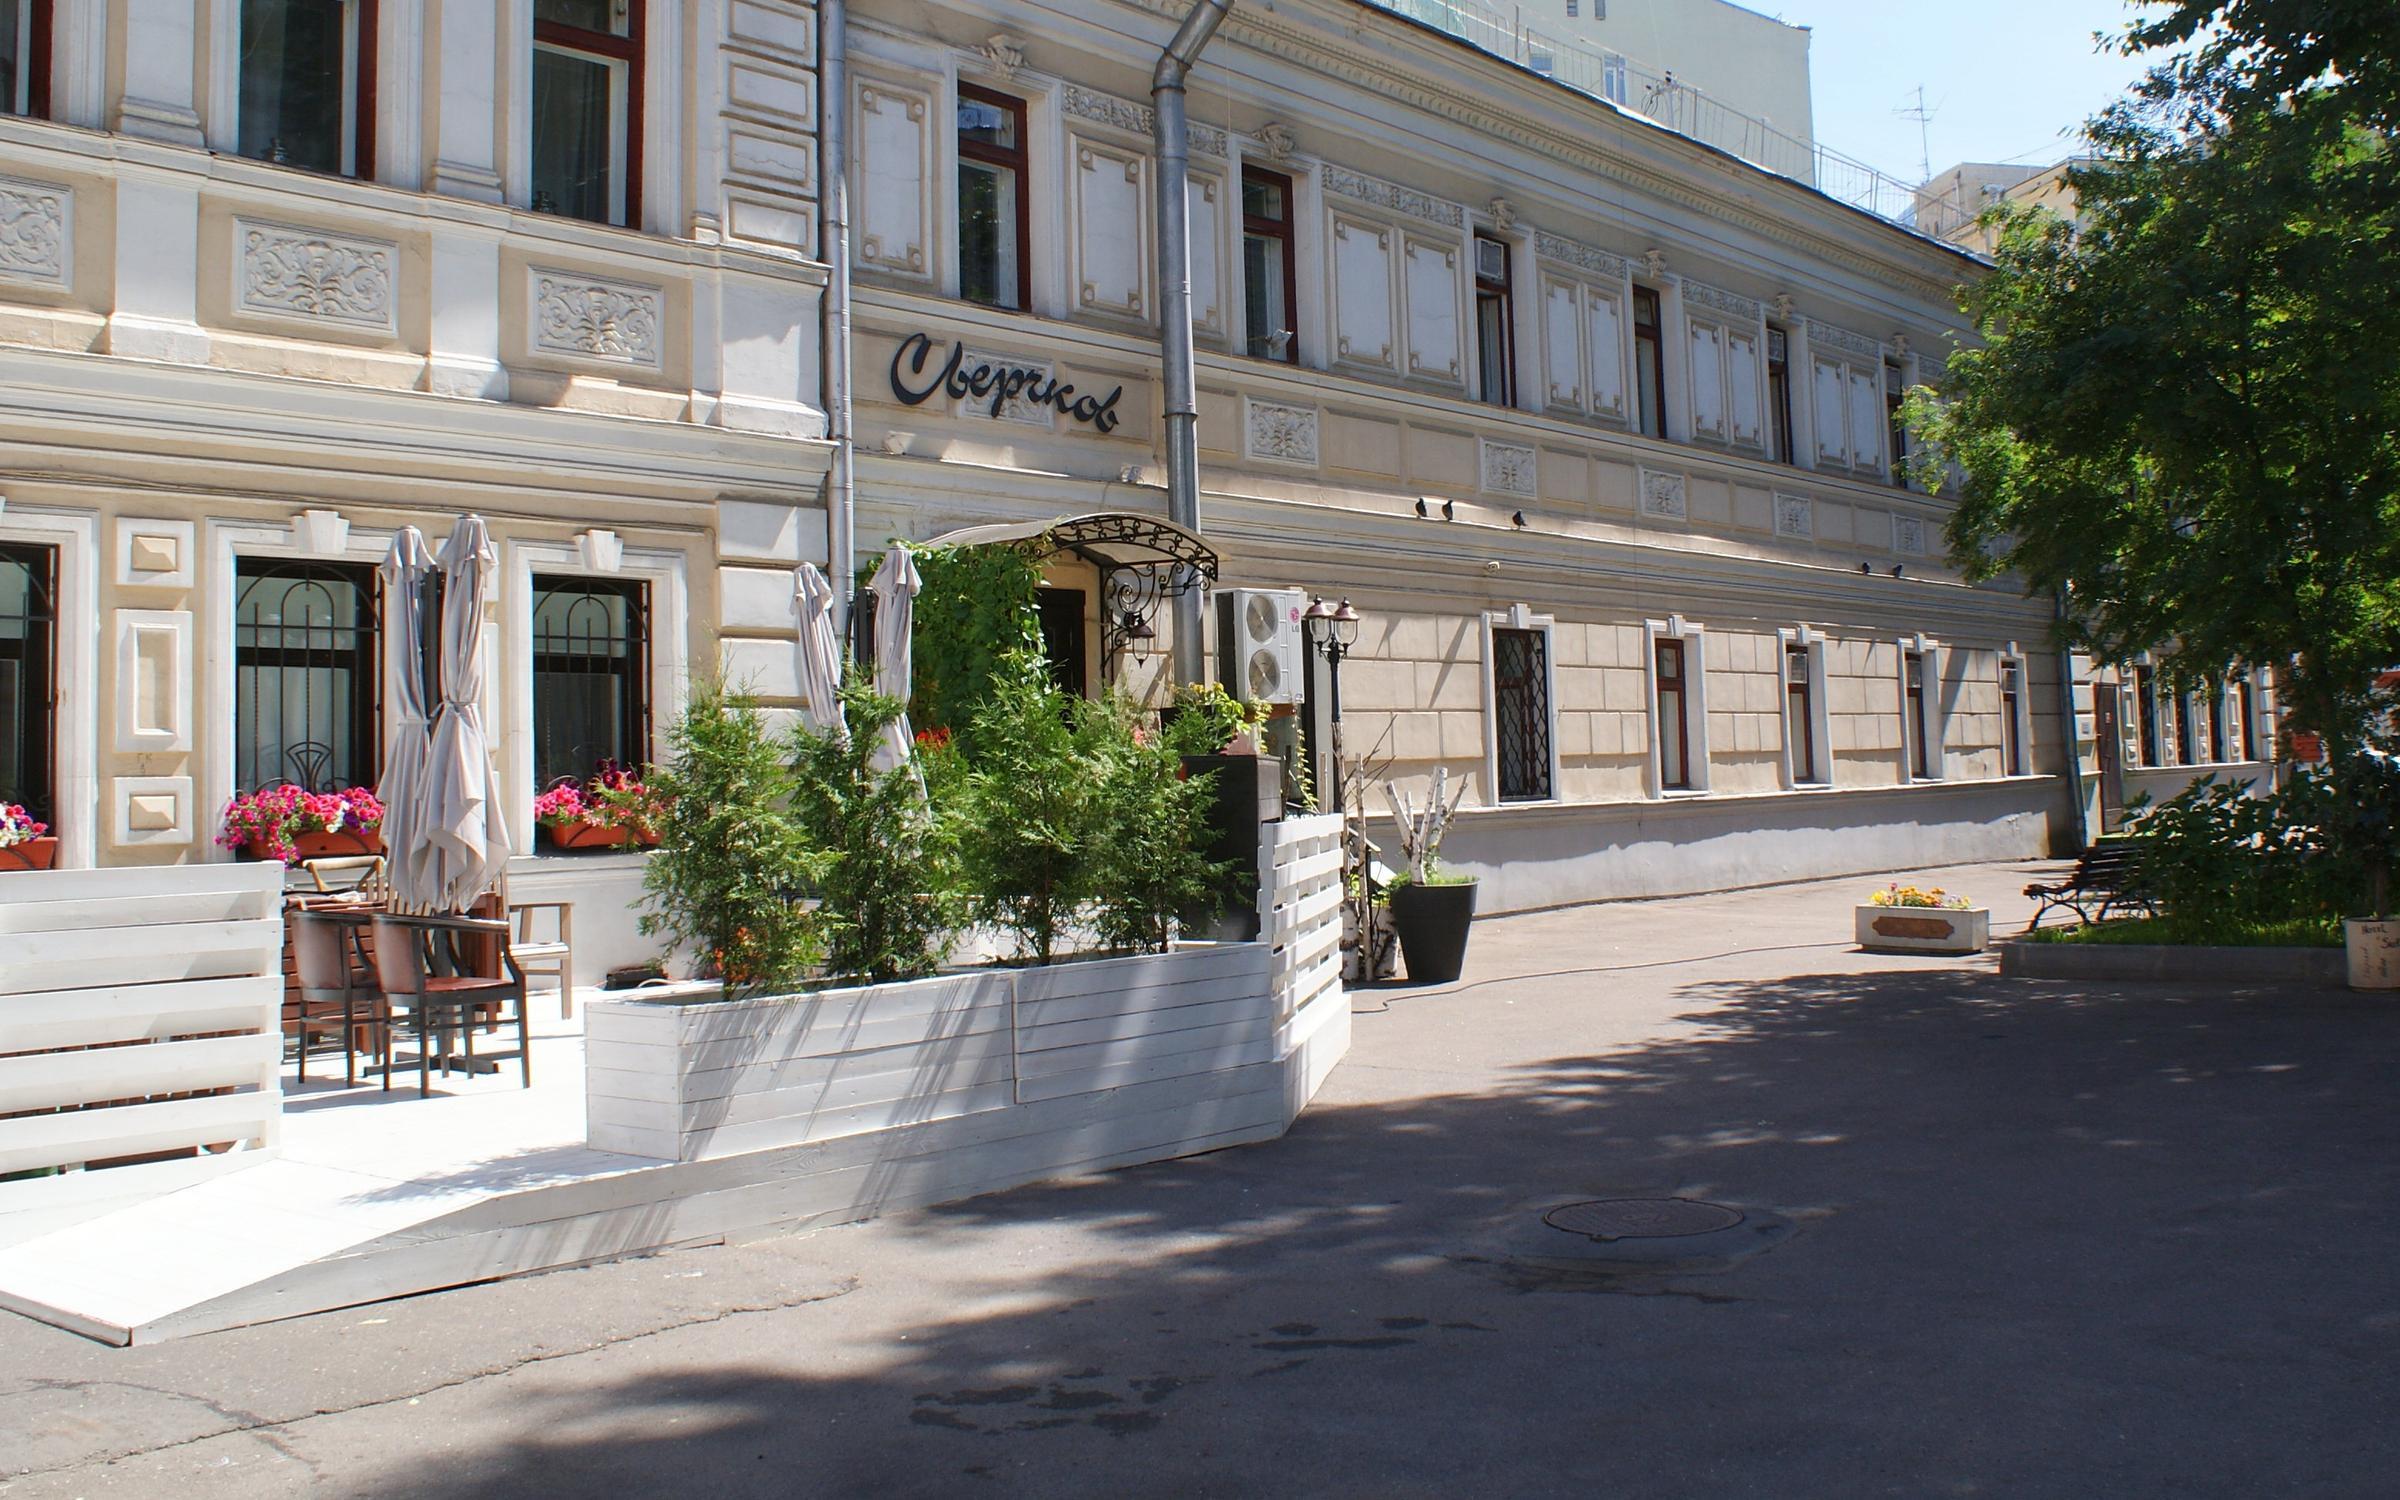 фотография Мини-отеля Сверчков в Сверчковом переулке